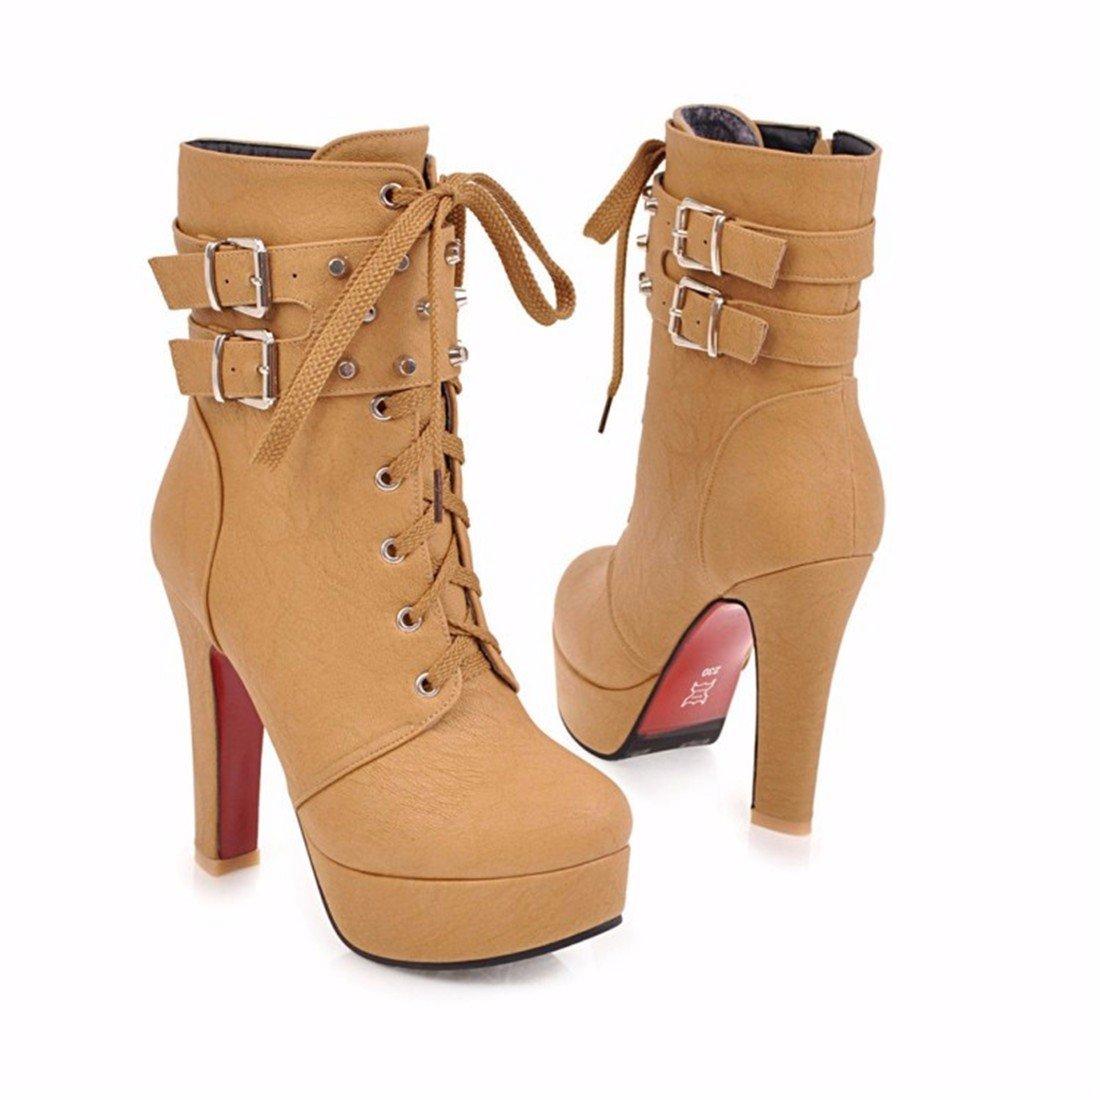 Winter und Winter Damen Gürtelschnalle, Motorrad Stiefel, groß Schuhe Schuhe groß mit hohen Absätzen kurz Stiefel yellow c43368